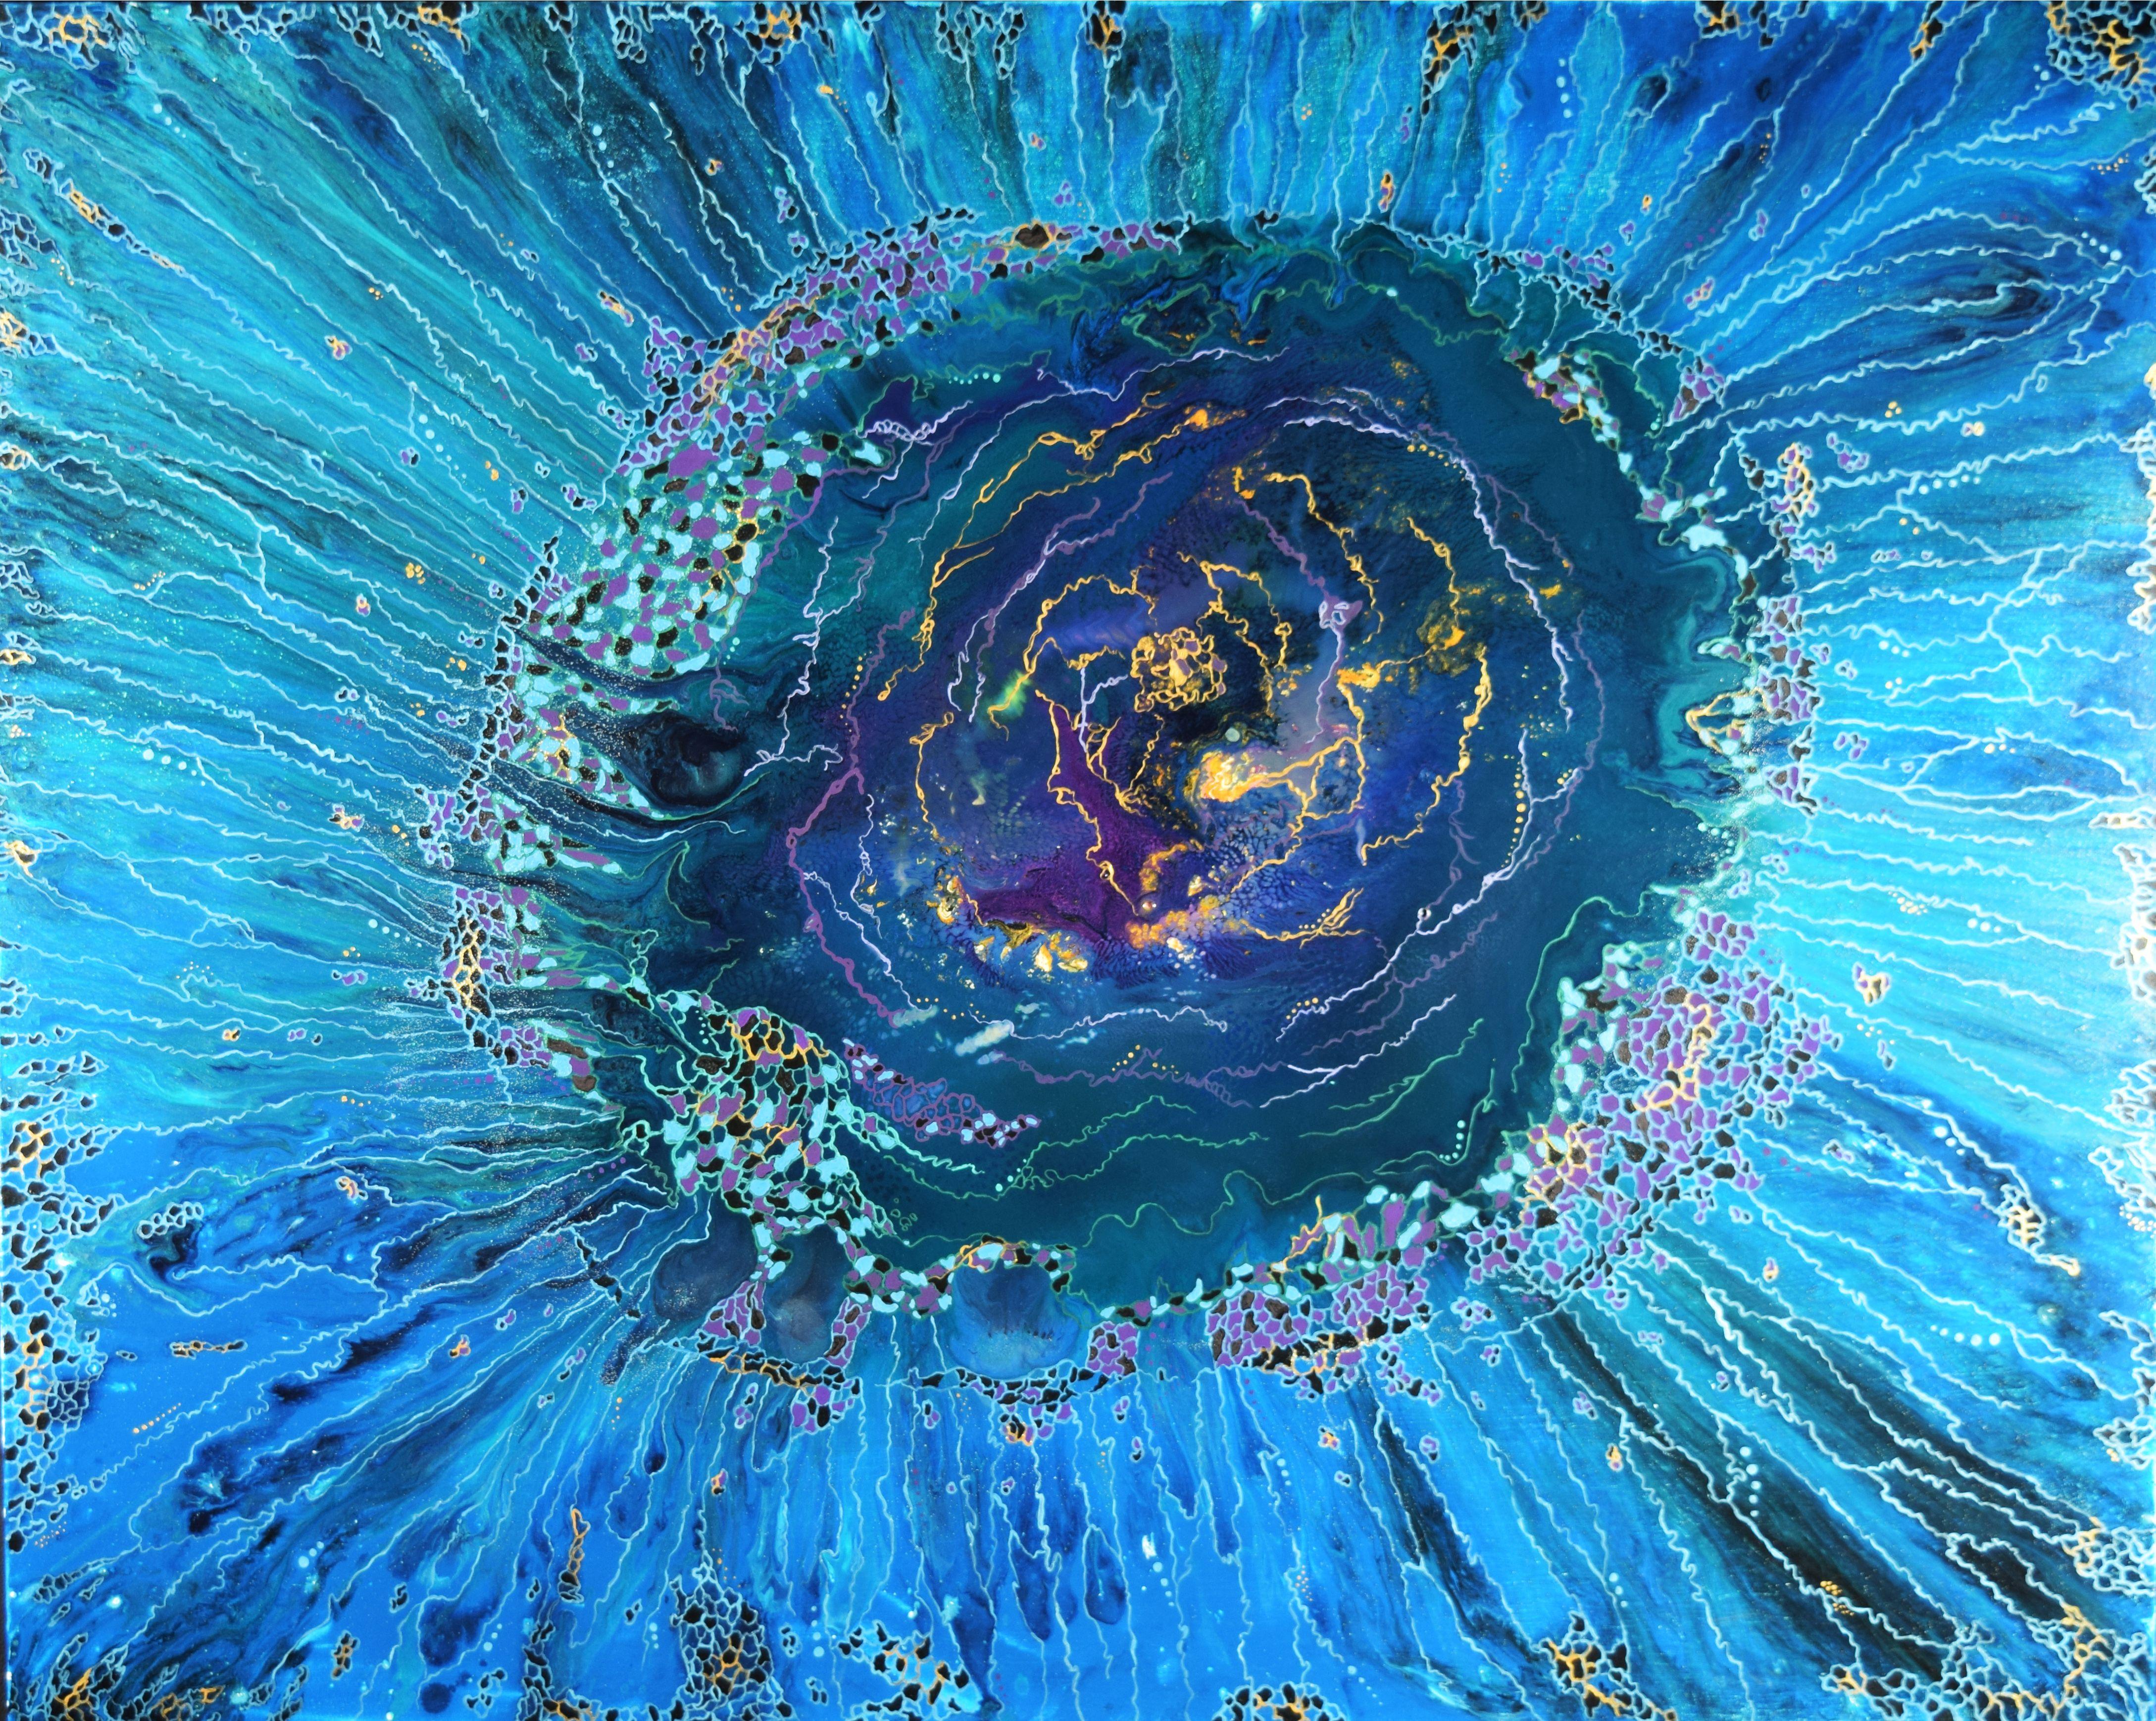 Galaxy. Mixed media